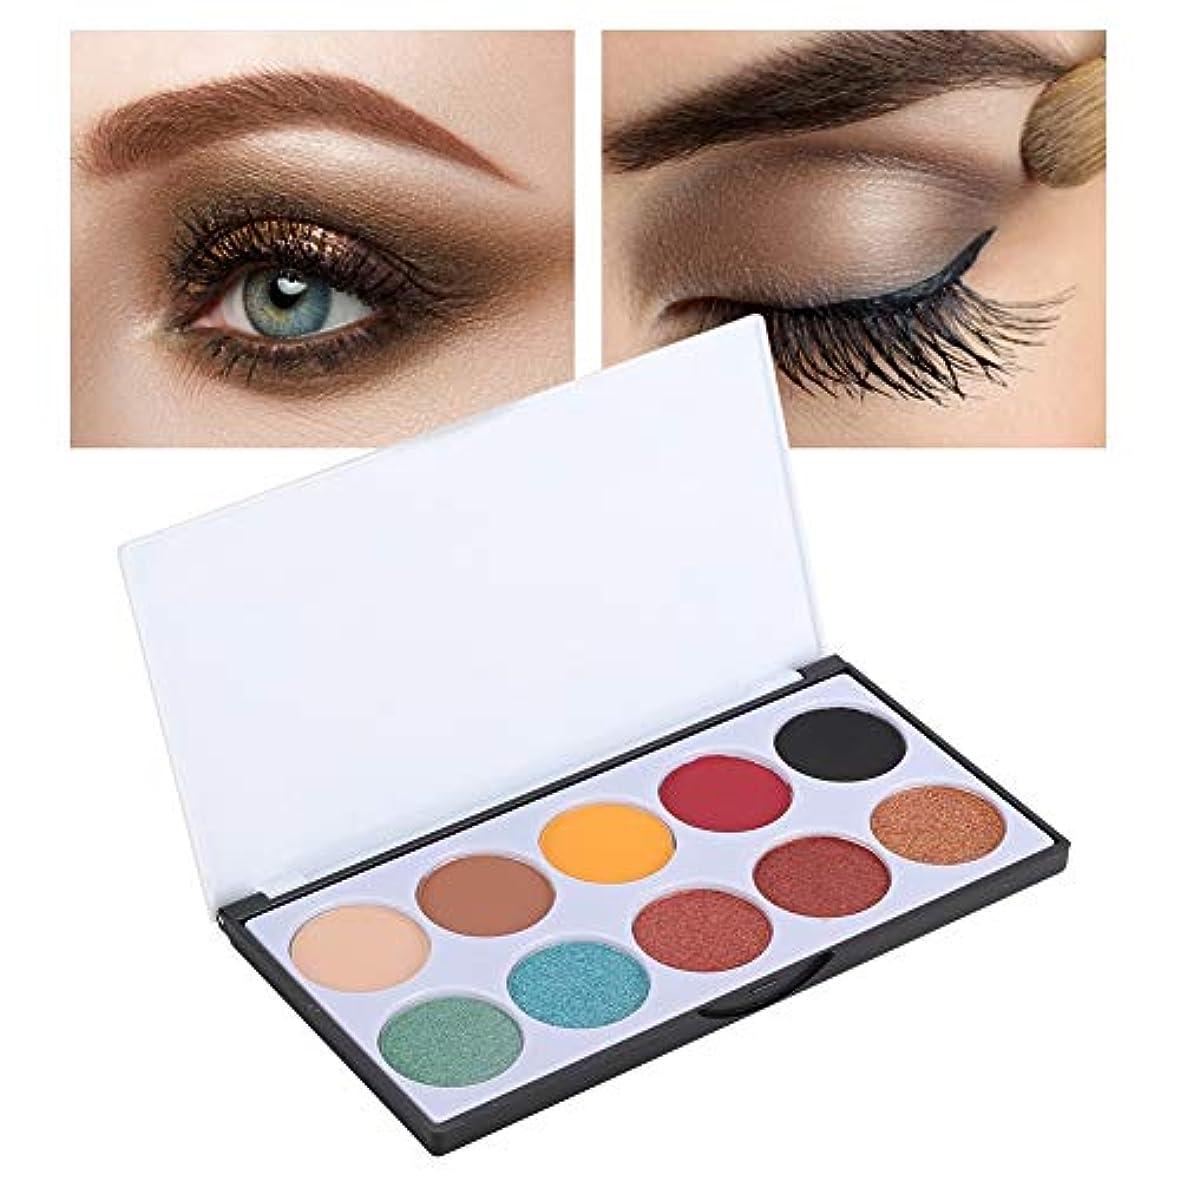 2色10色アイシャドウパレット防水グリッターアイシャドウ化粧品パウダー(EP10#2)